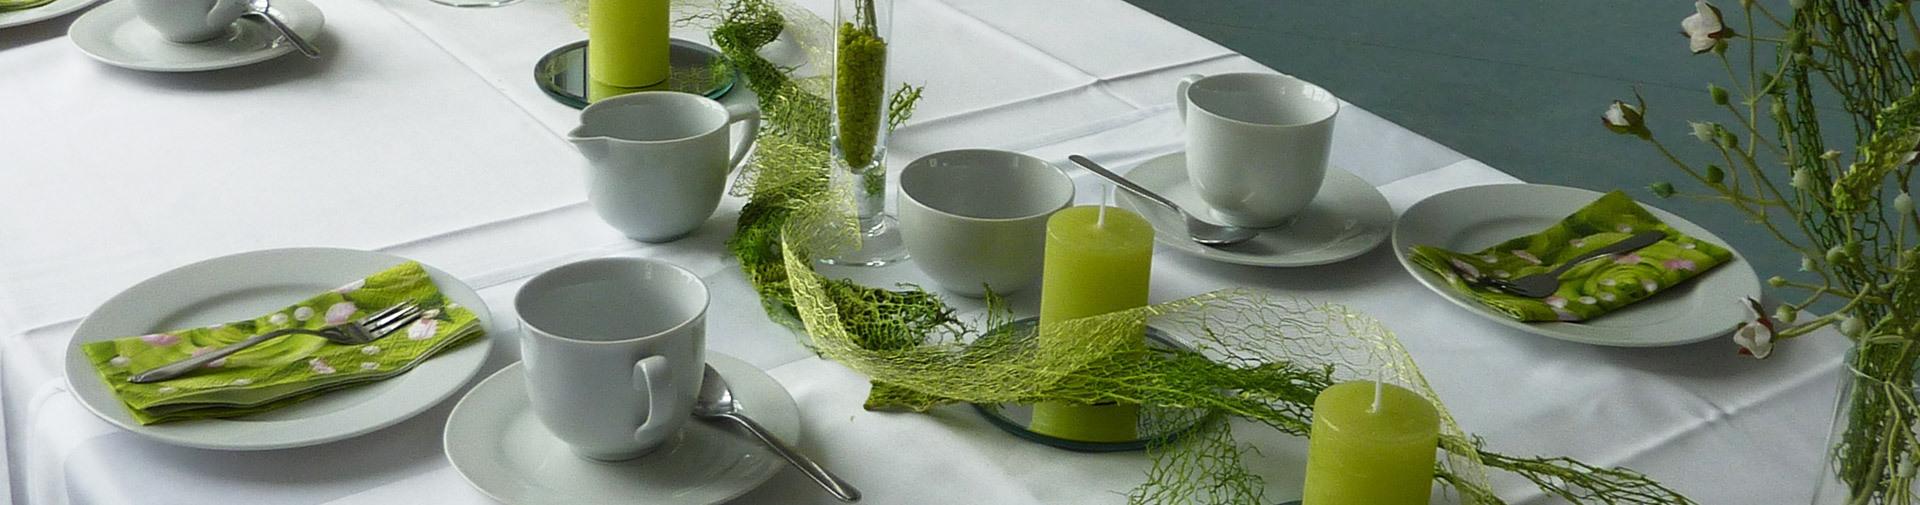 Deko grün im Saal